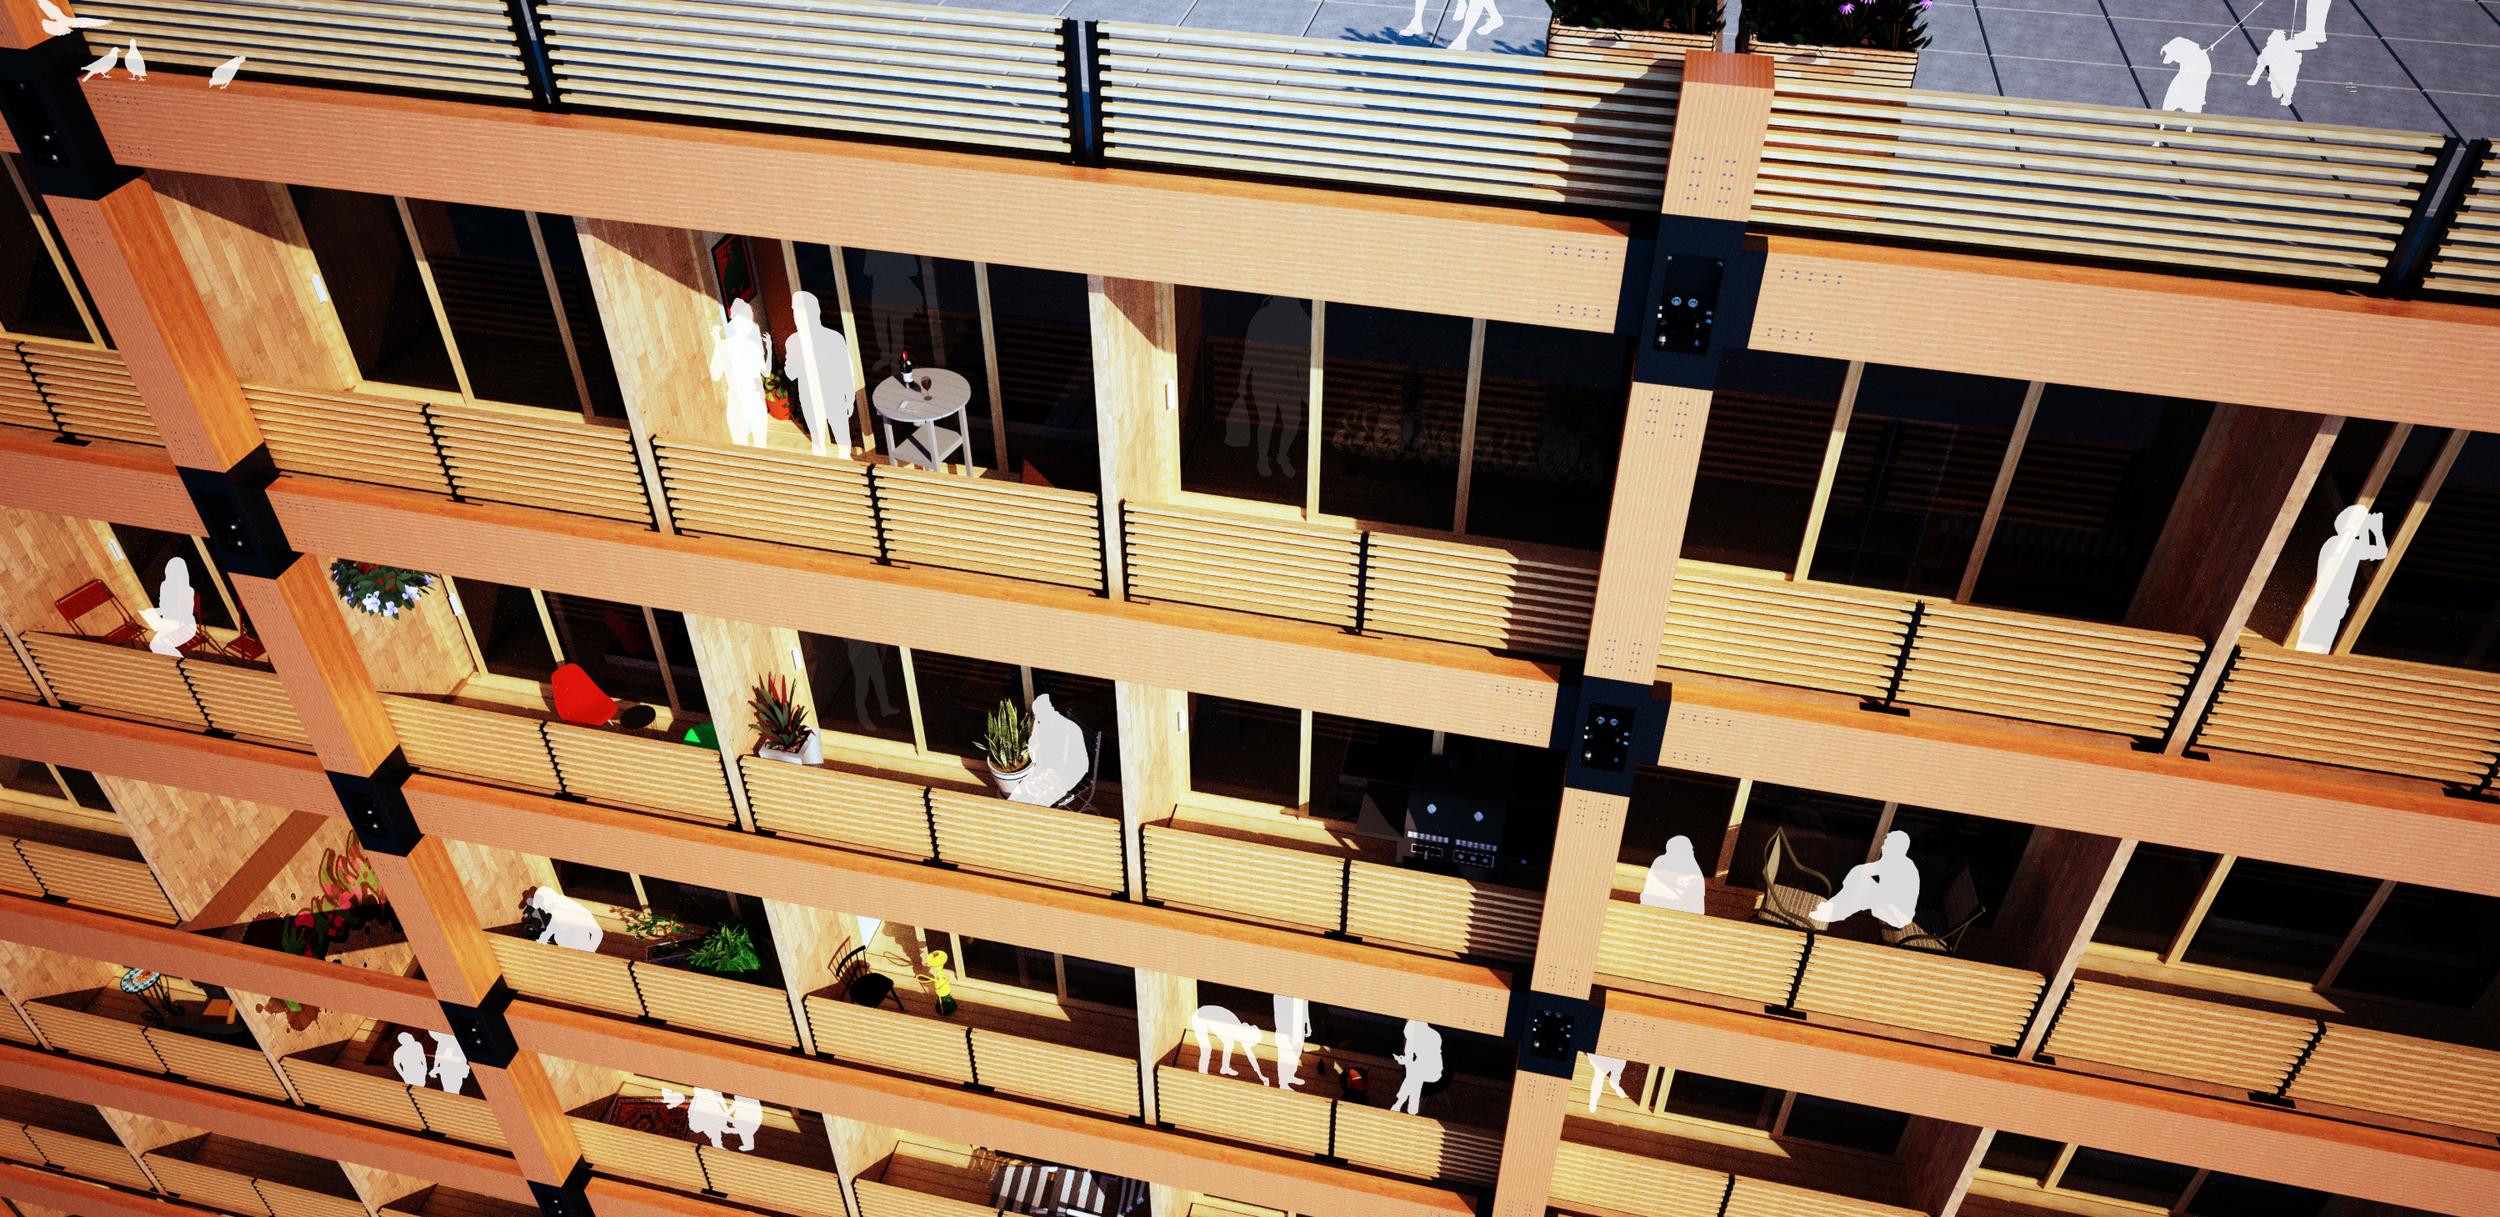 1205_BalconiesRendering.jpg